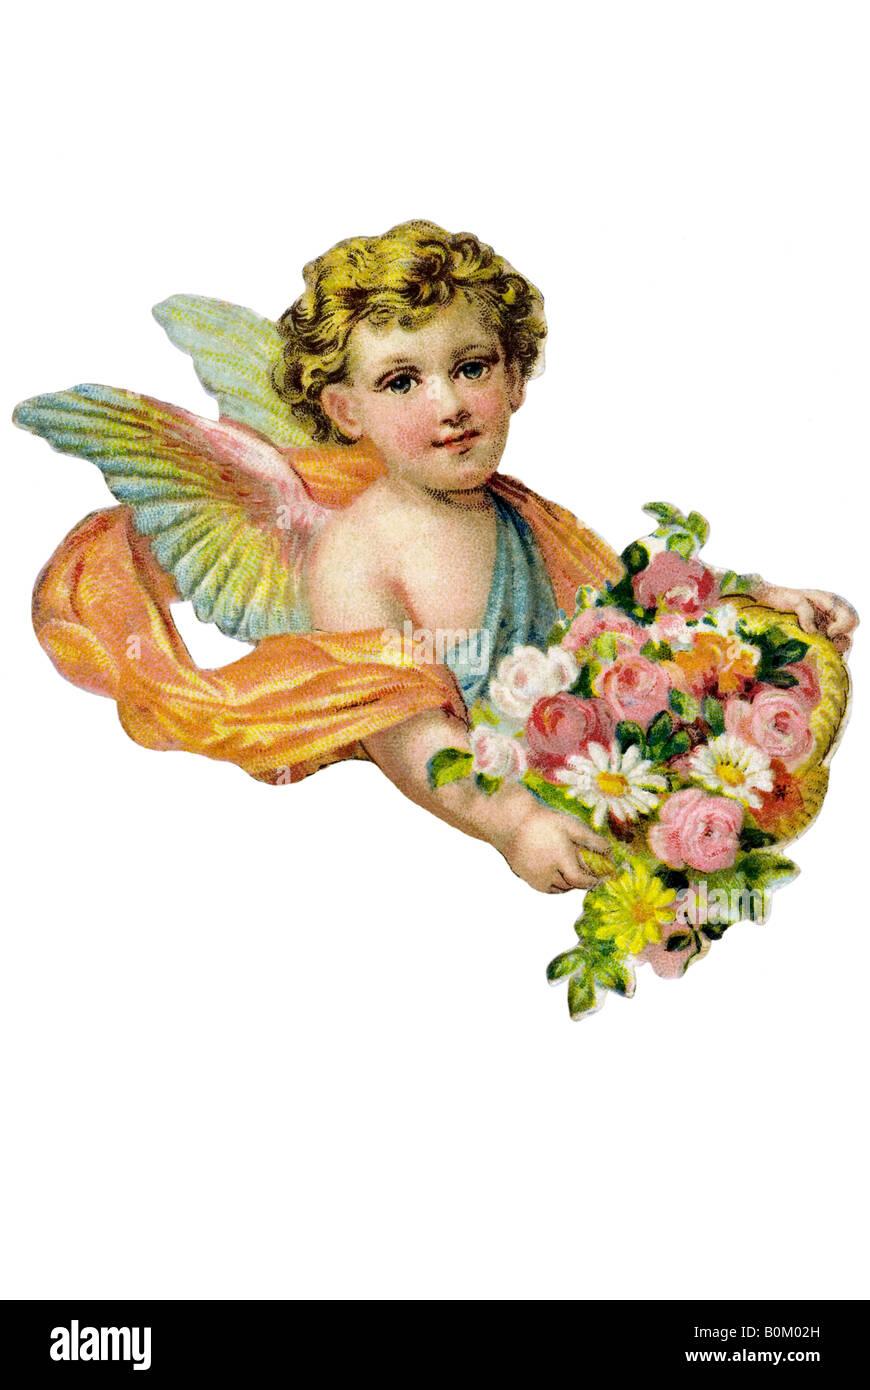 Torso niños rubios ángel cesta de rosas del siglo XIX Alemania Imagen De Stock